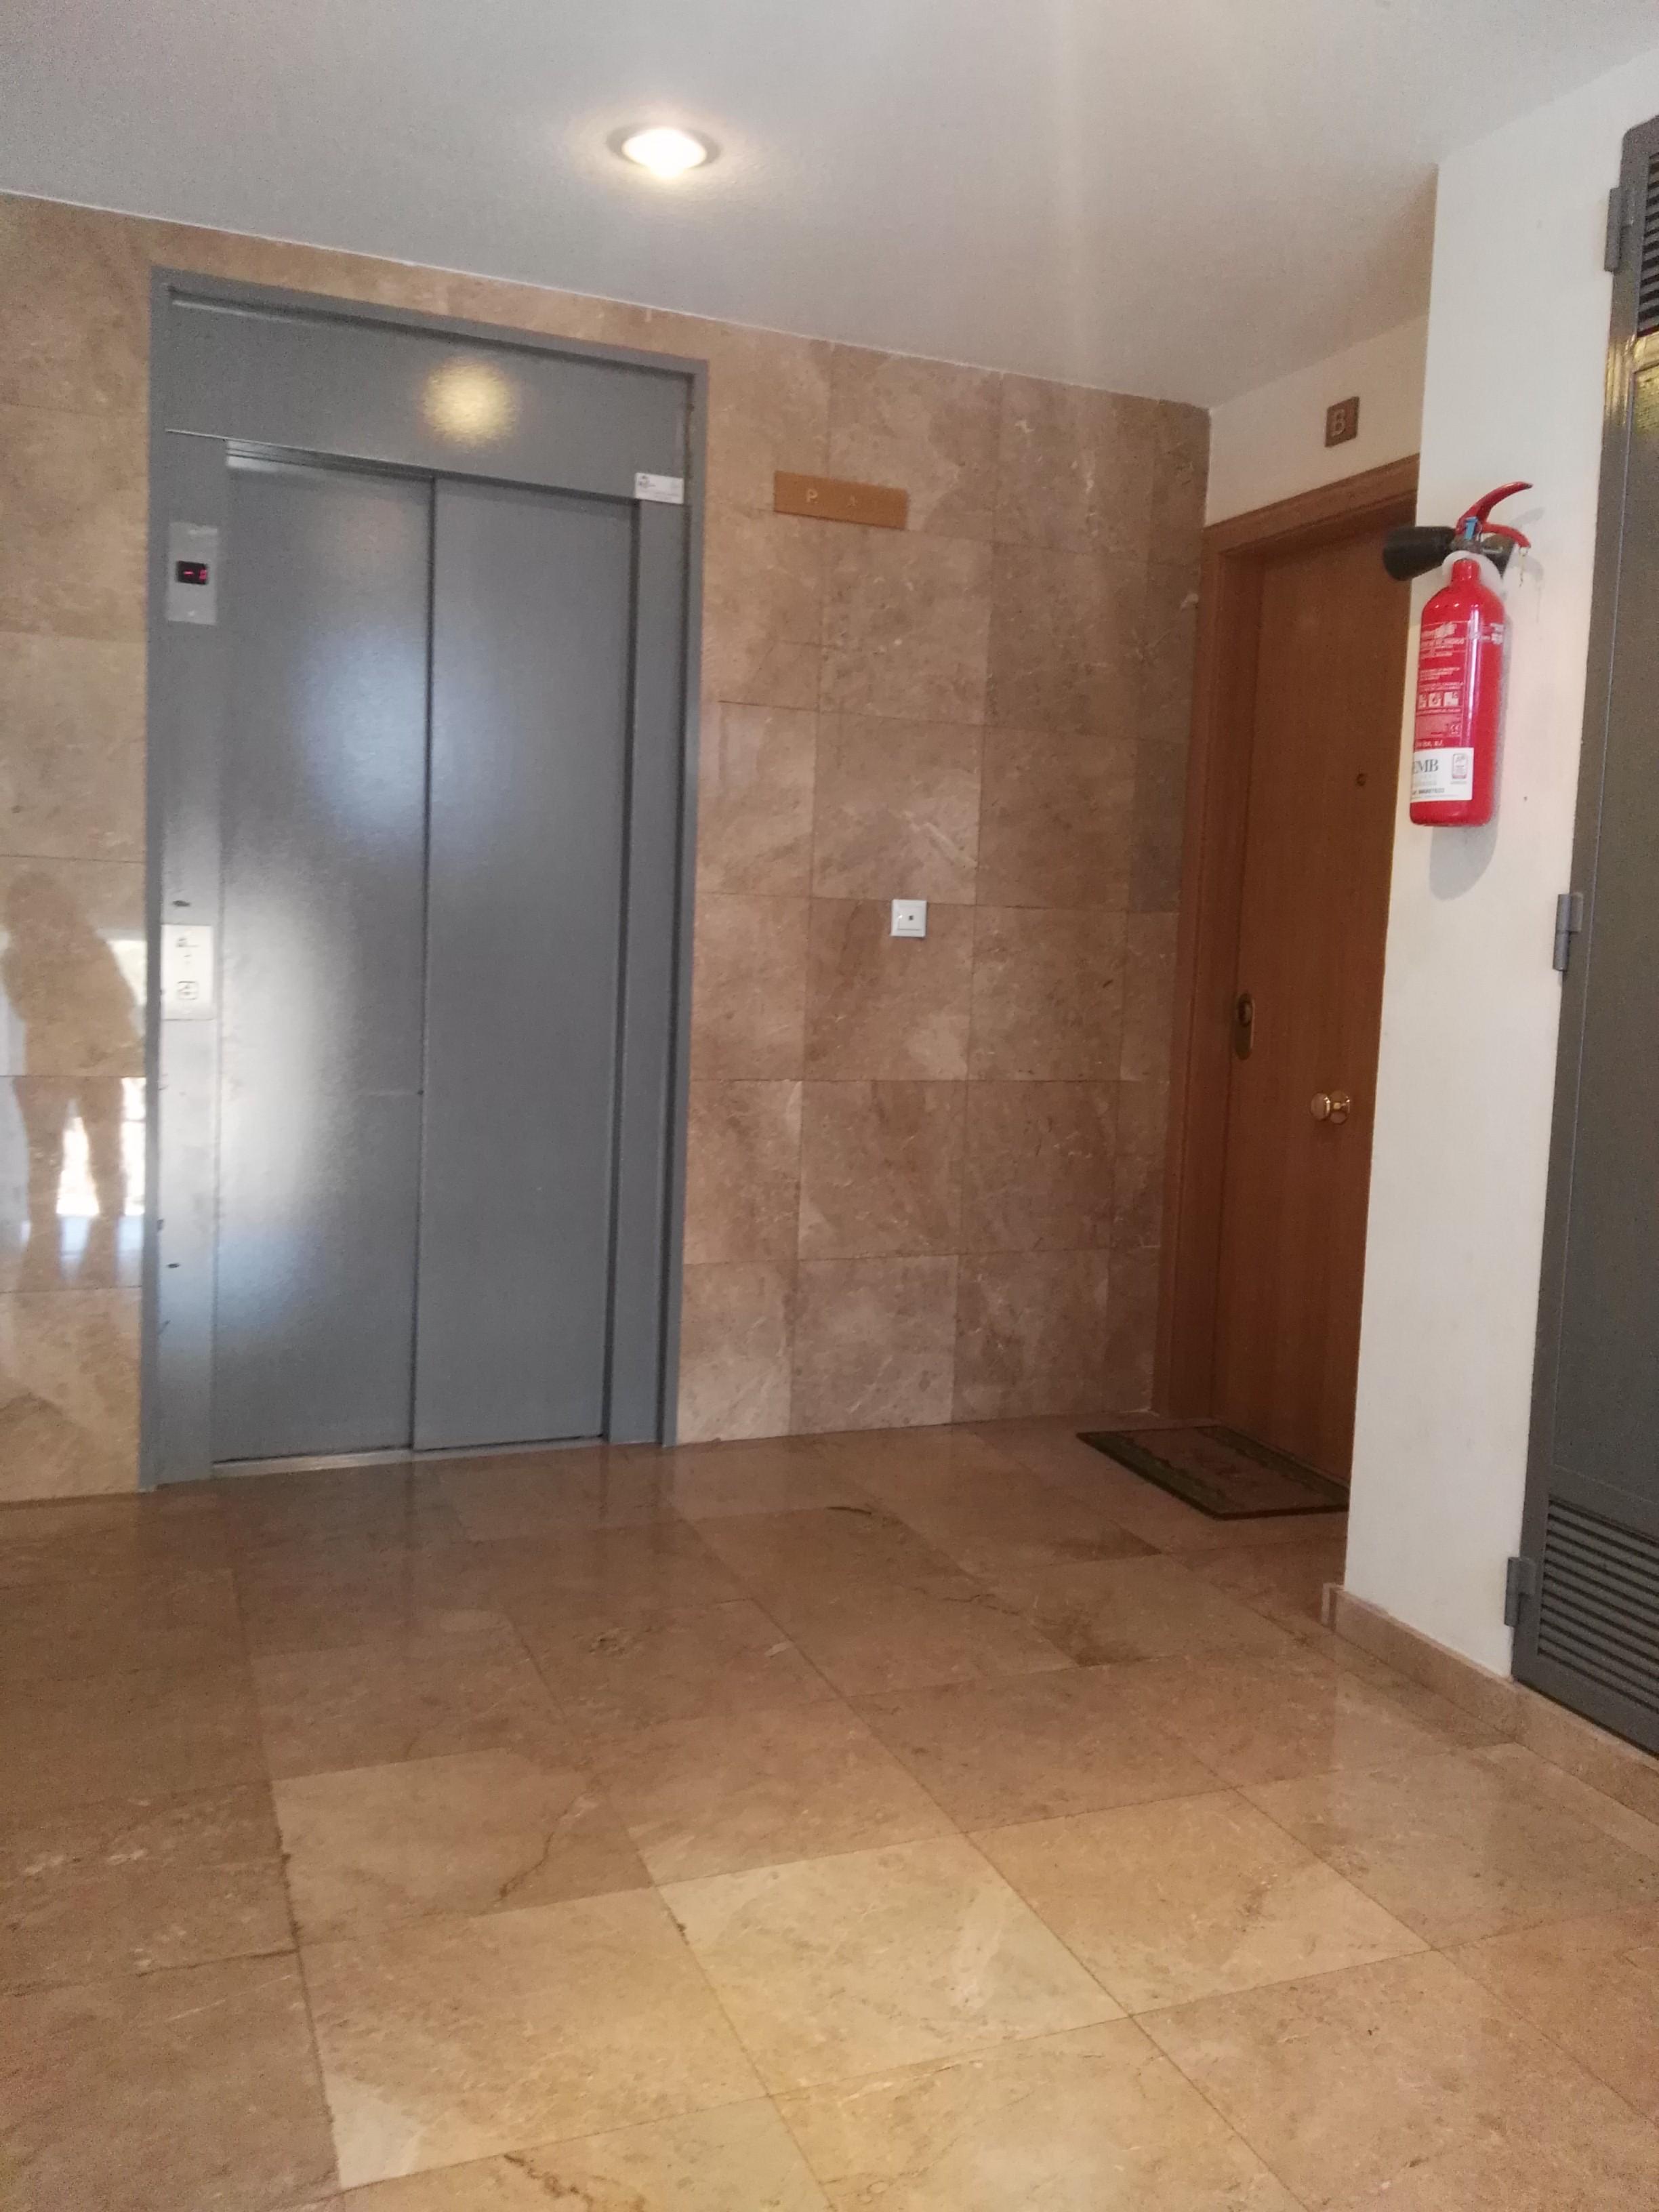 Piso en venta en Piso en Finestrat, Alicante, 108.000 €, 3 habitaciones, 2 baños, 94 m2